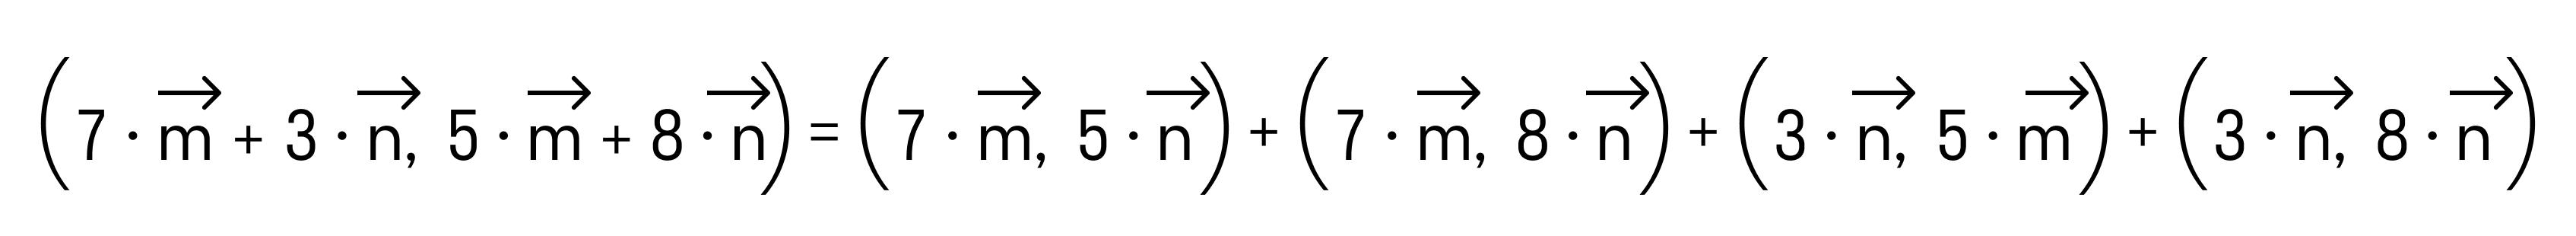 решение примера 3 рис 2